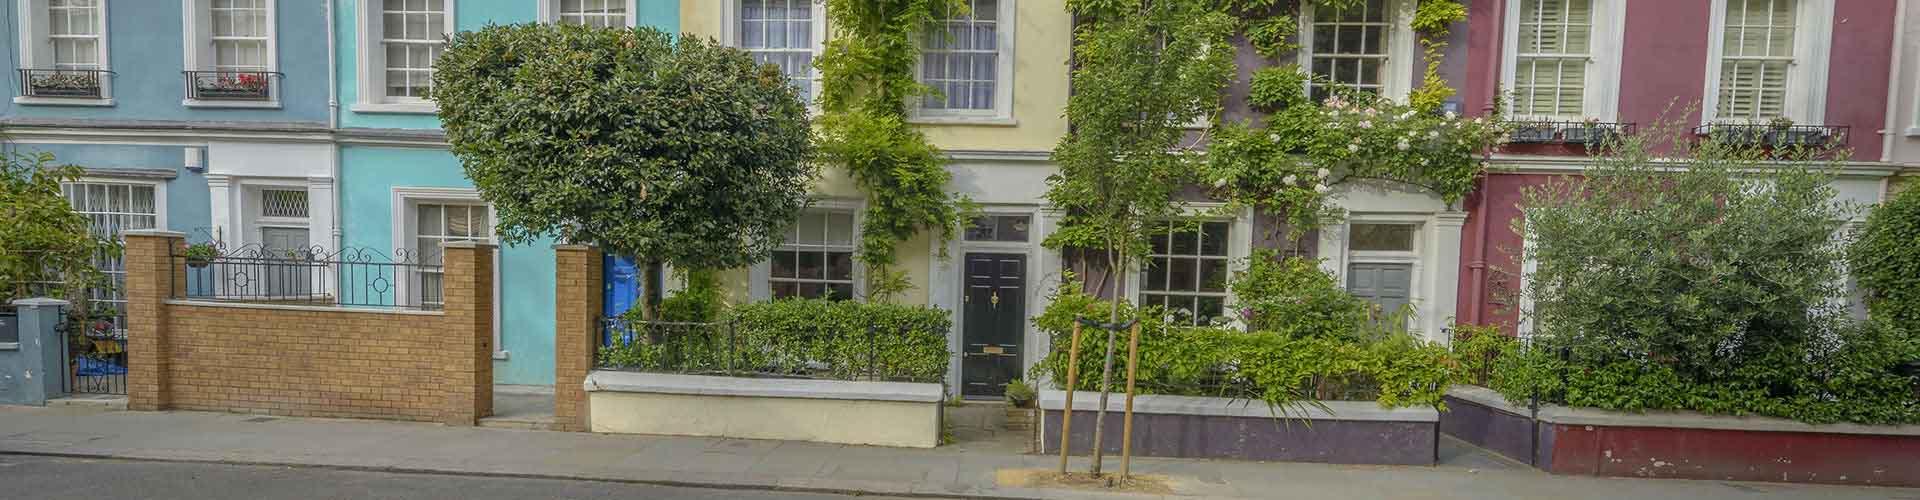 Londres - Albergues en el distrito Notting Hill . Mapas de Londres, Fotos y Comentarios para cada Albergue en Londres.